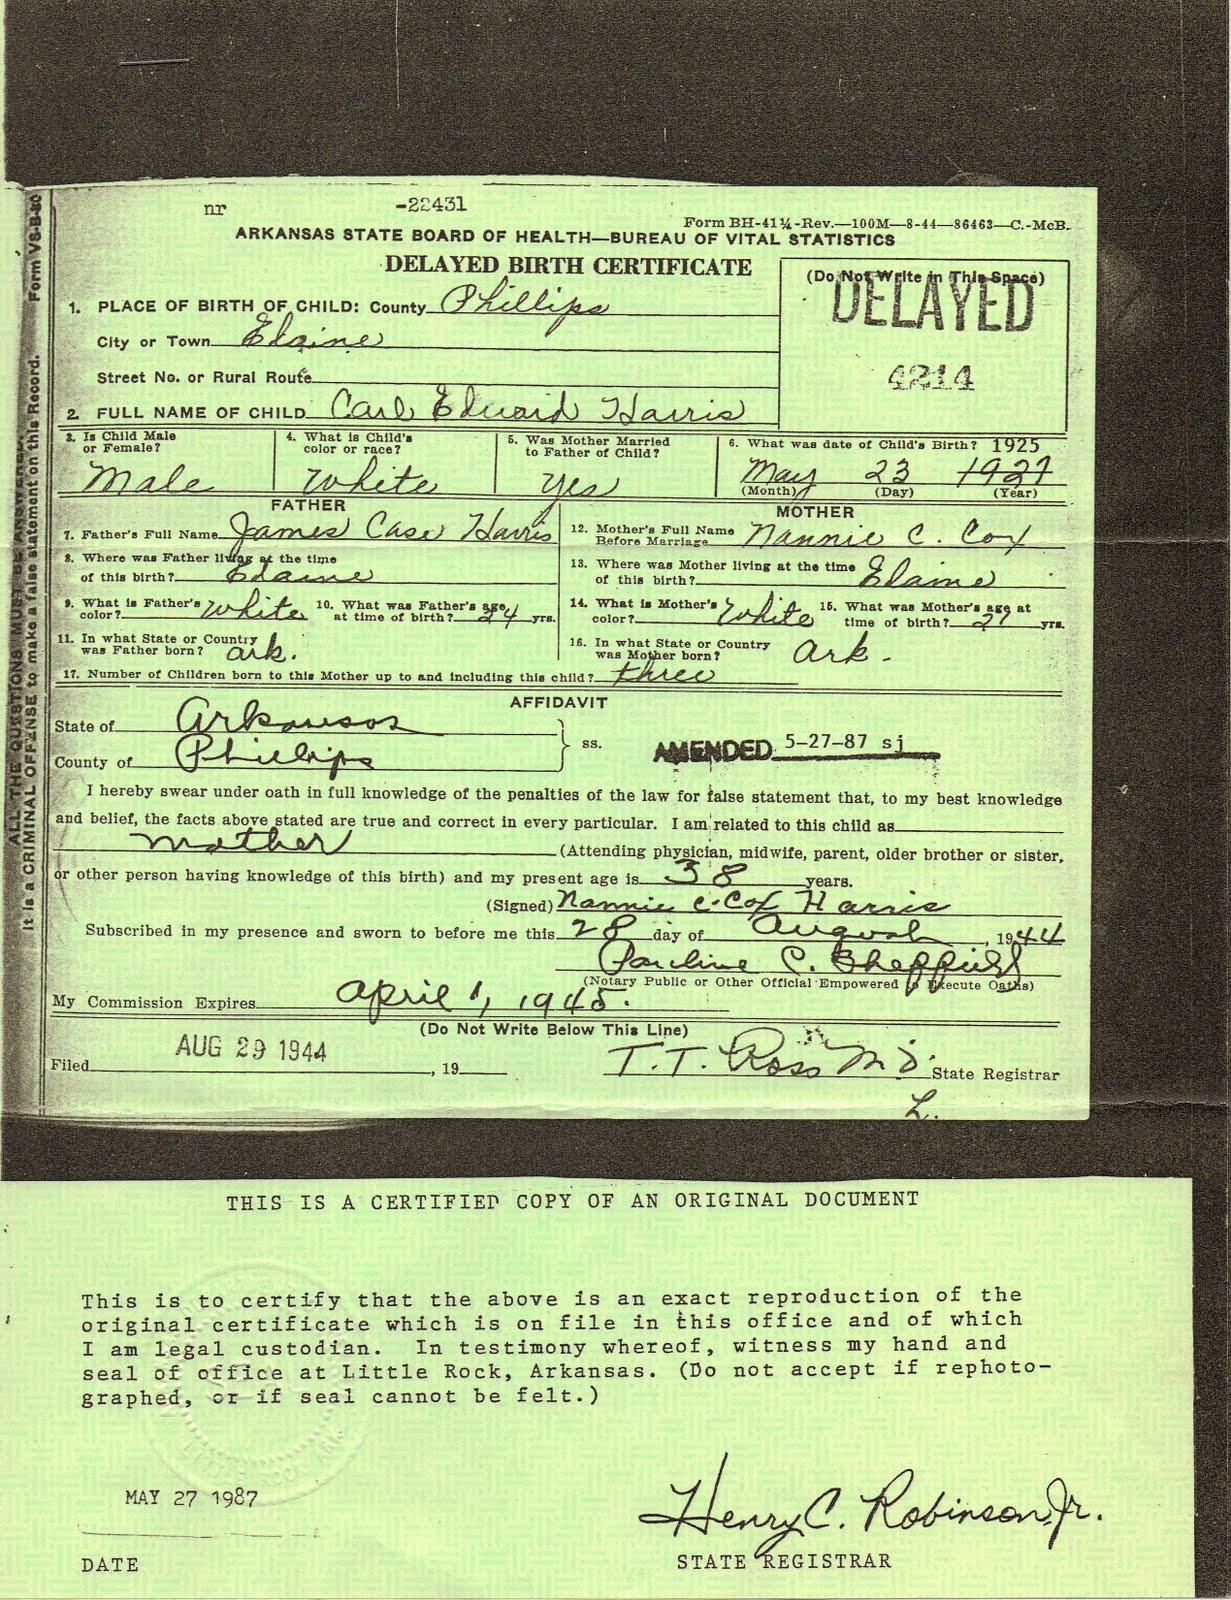 http://2.bp.blogspot.com/_3g0DGCf1j_c/S_BD49b0bTI/AAAAAAAAAxw/YvlkAIj0G4E/s1600/Carl+Harris+birth+certificate.jpg